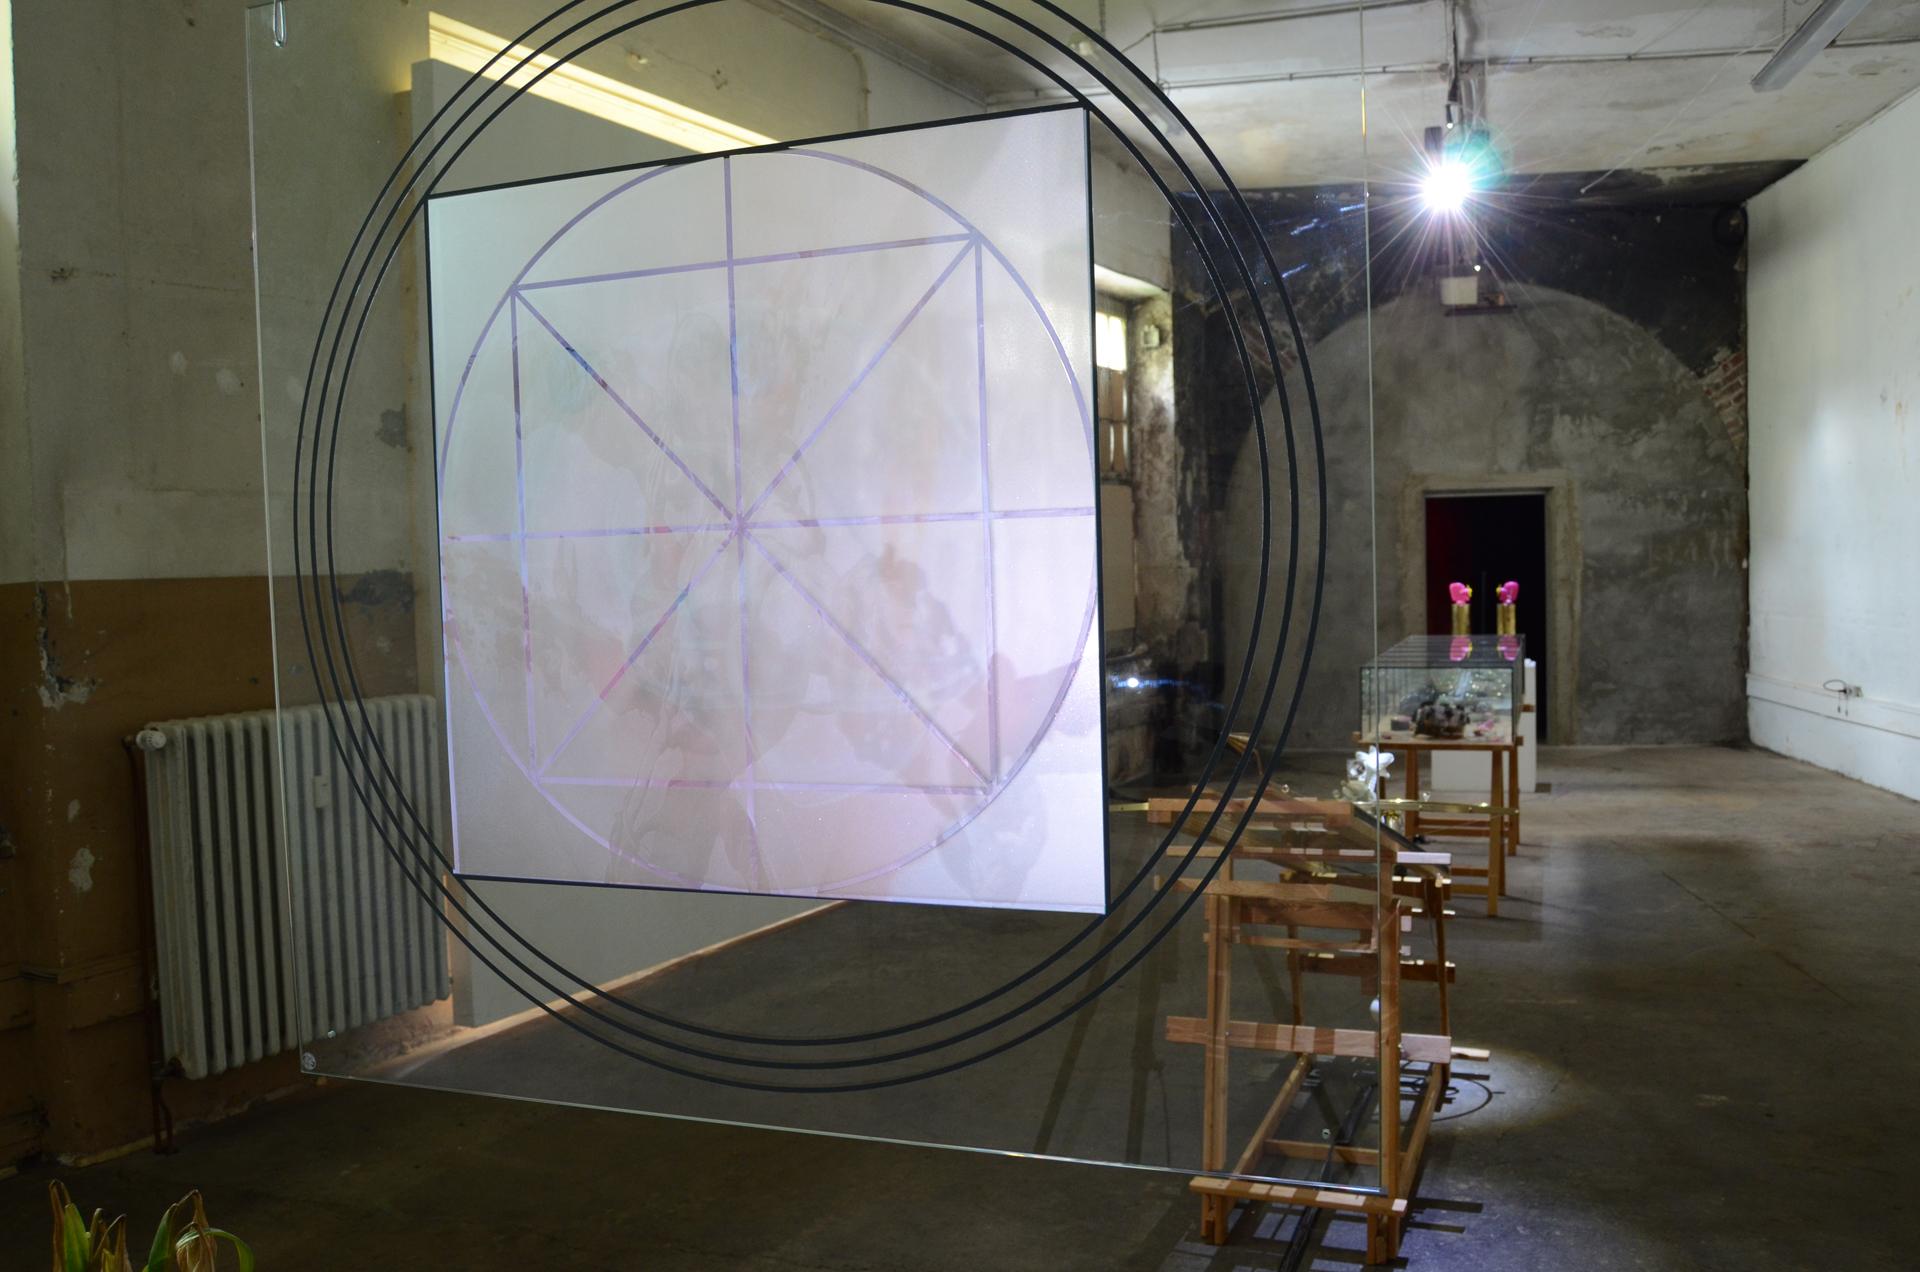 Ausstellungsansicht Synestheticon von Stefan Zoellner, Omegasimulator